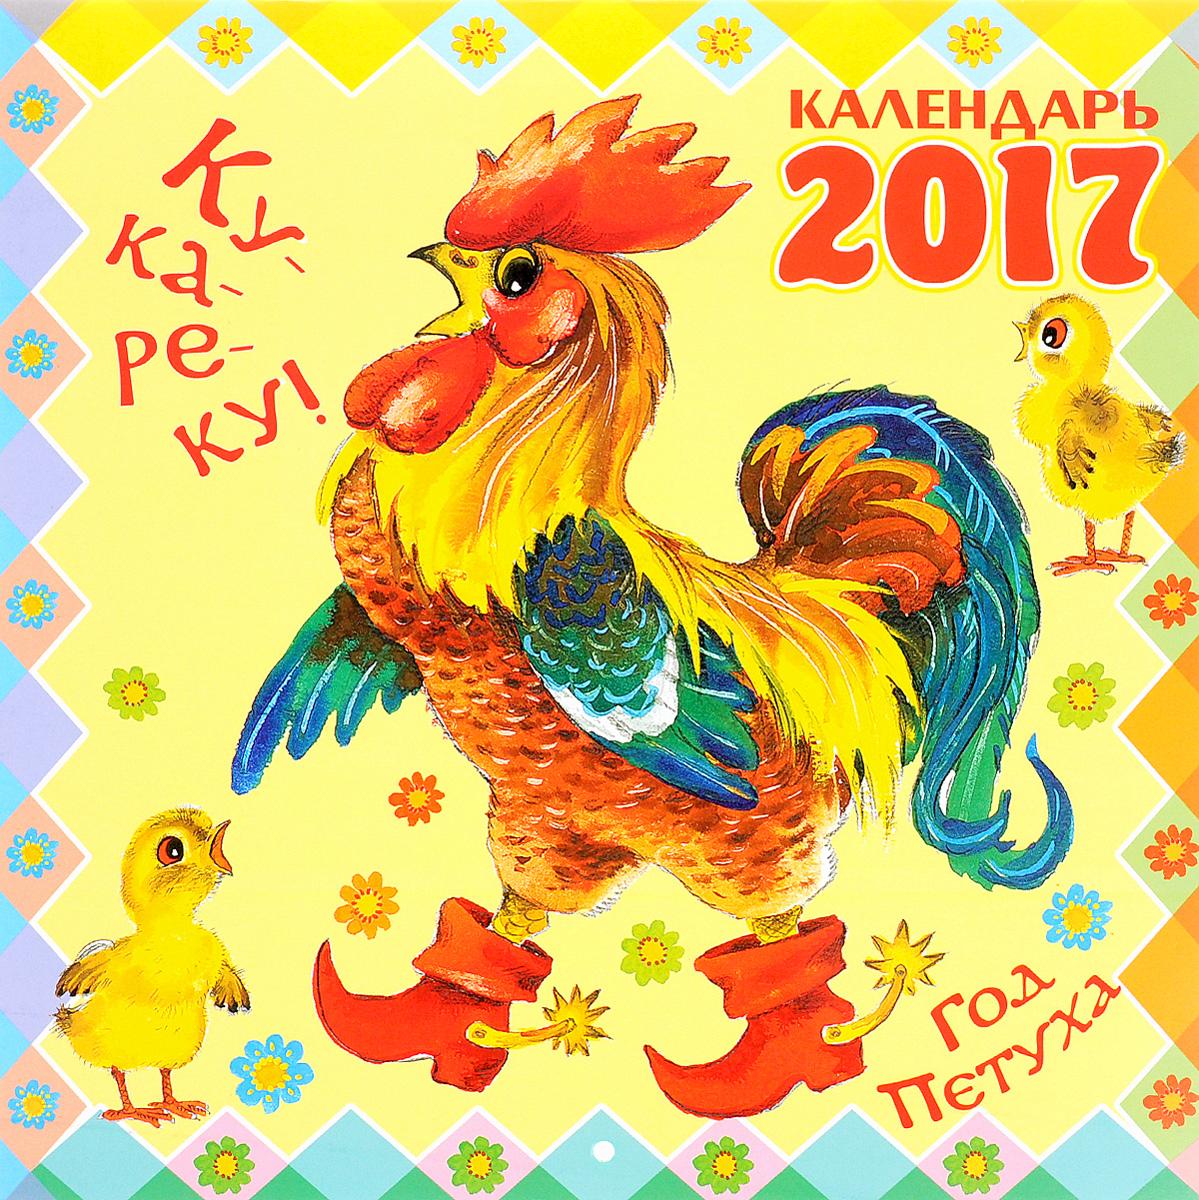 Прикольные картинки календаря 2017